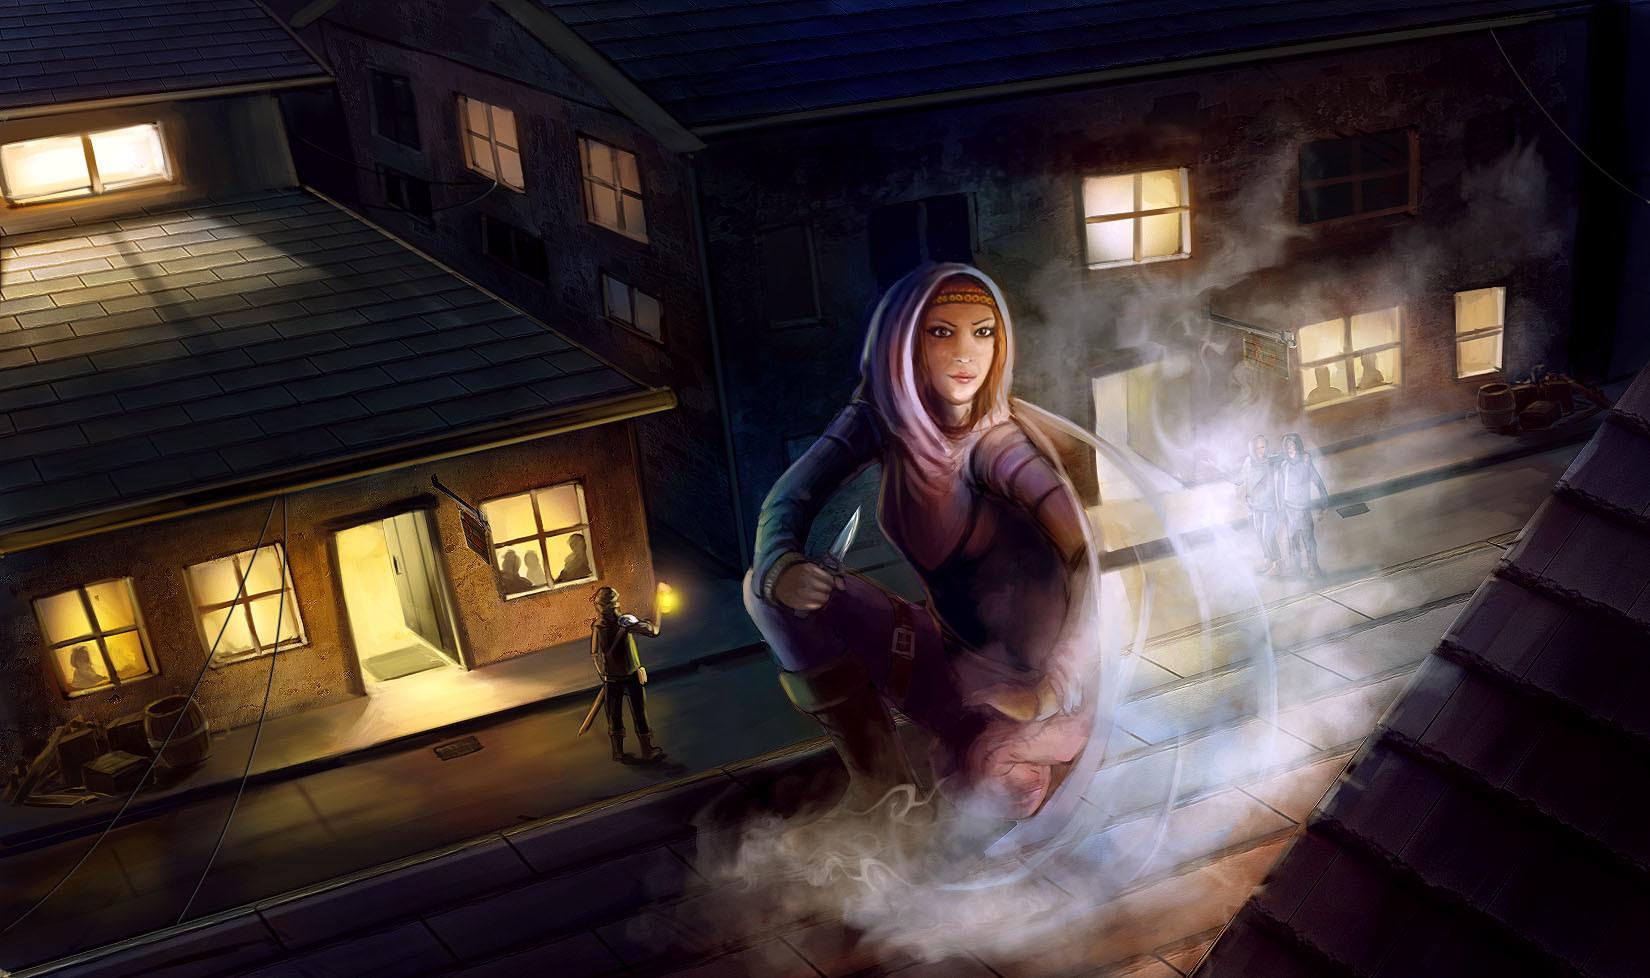 Katy grierson mist cloak7